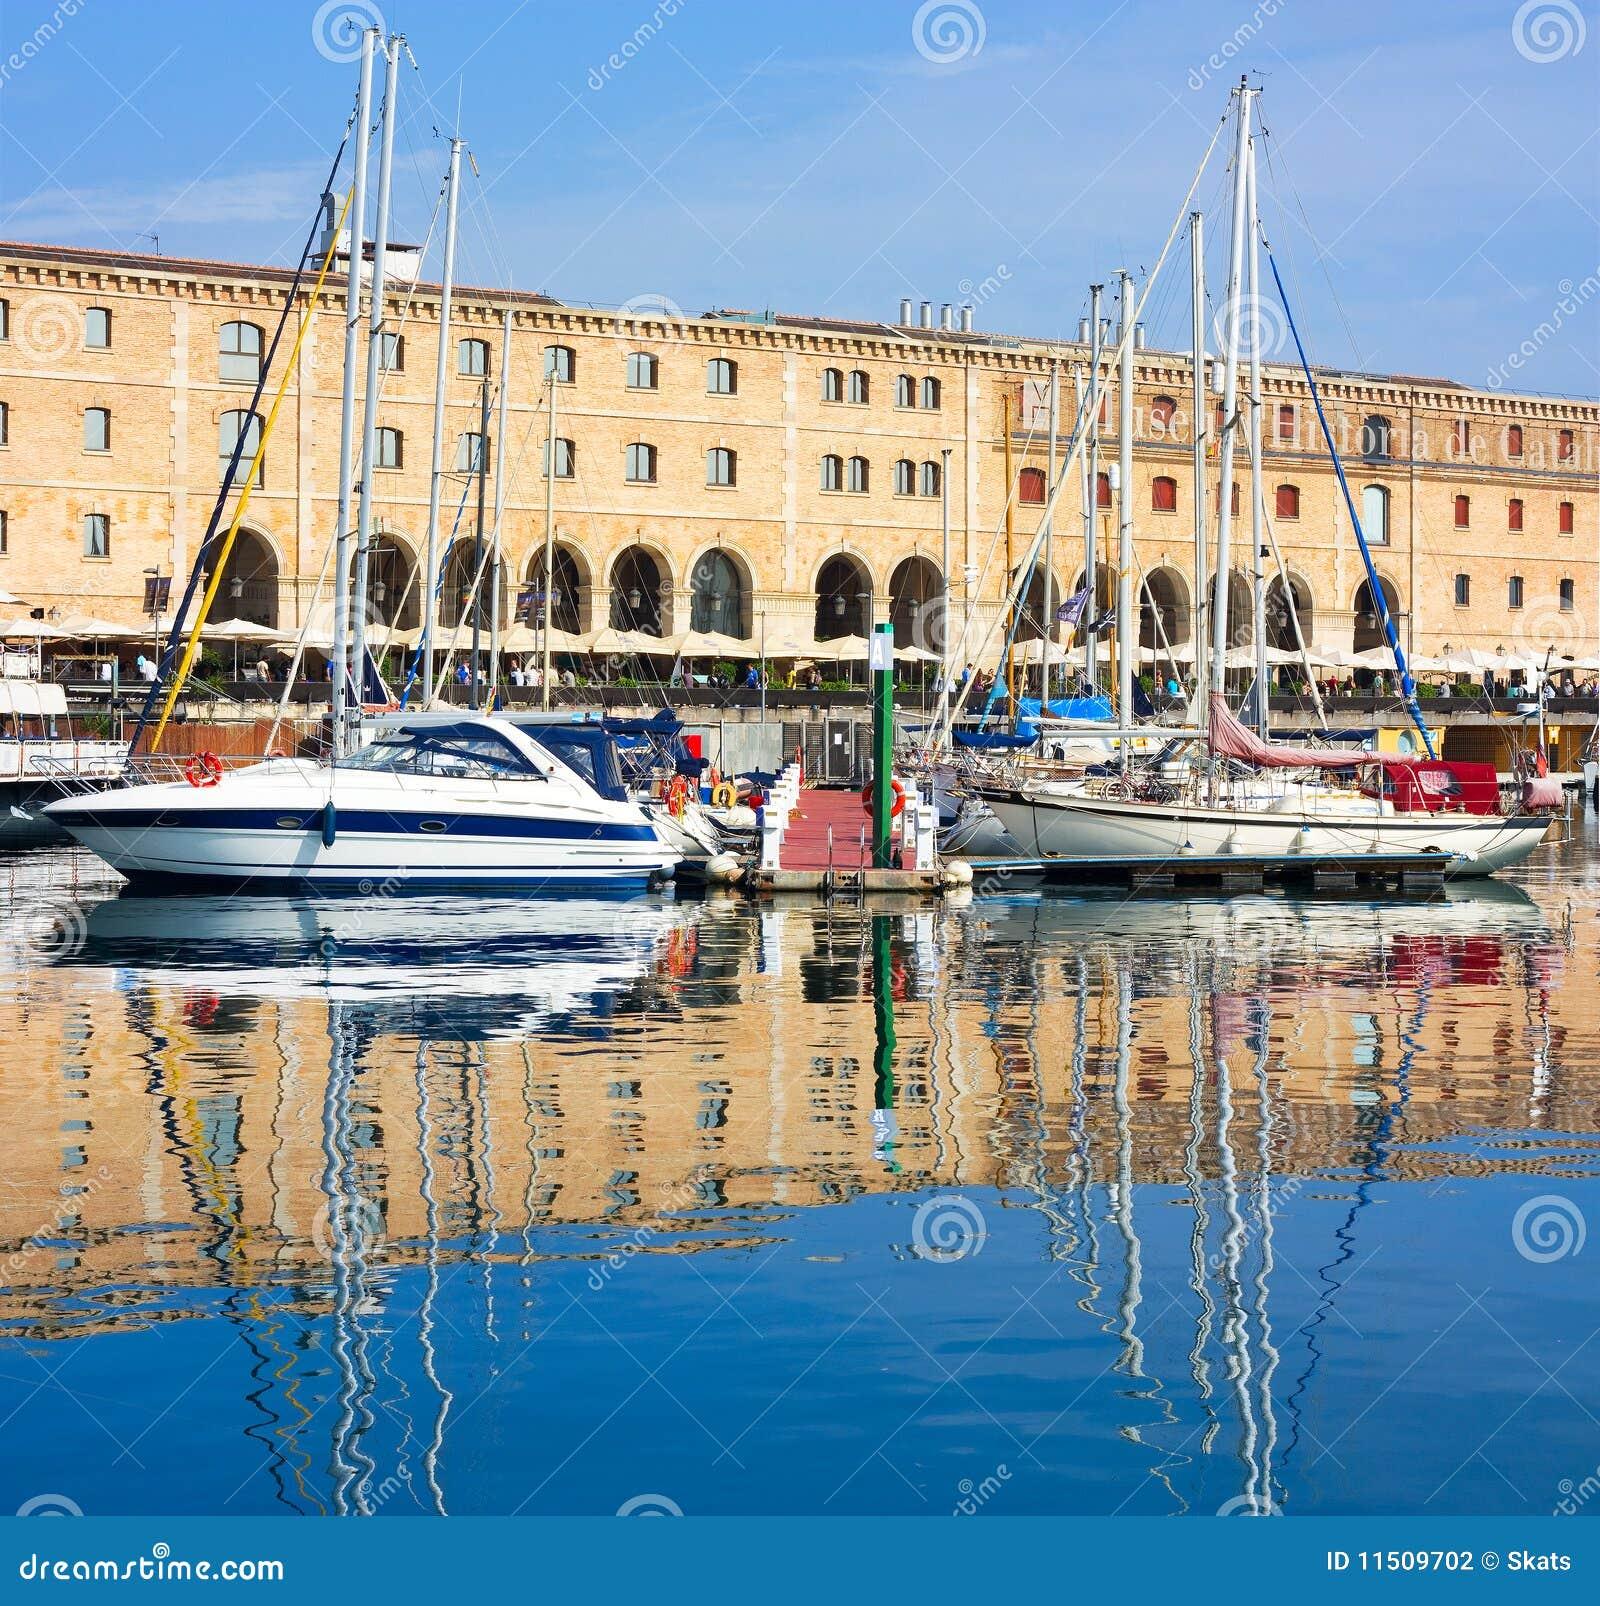 Barcelona Marina Stock Photo. Image Of Vessel, Catalonia